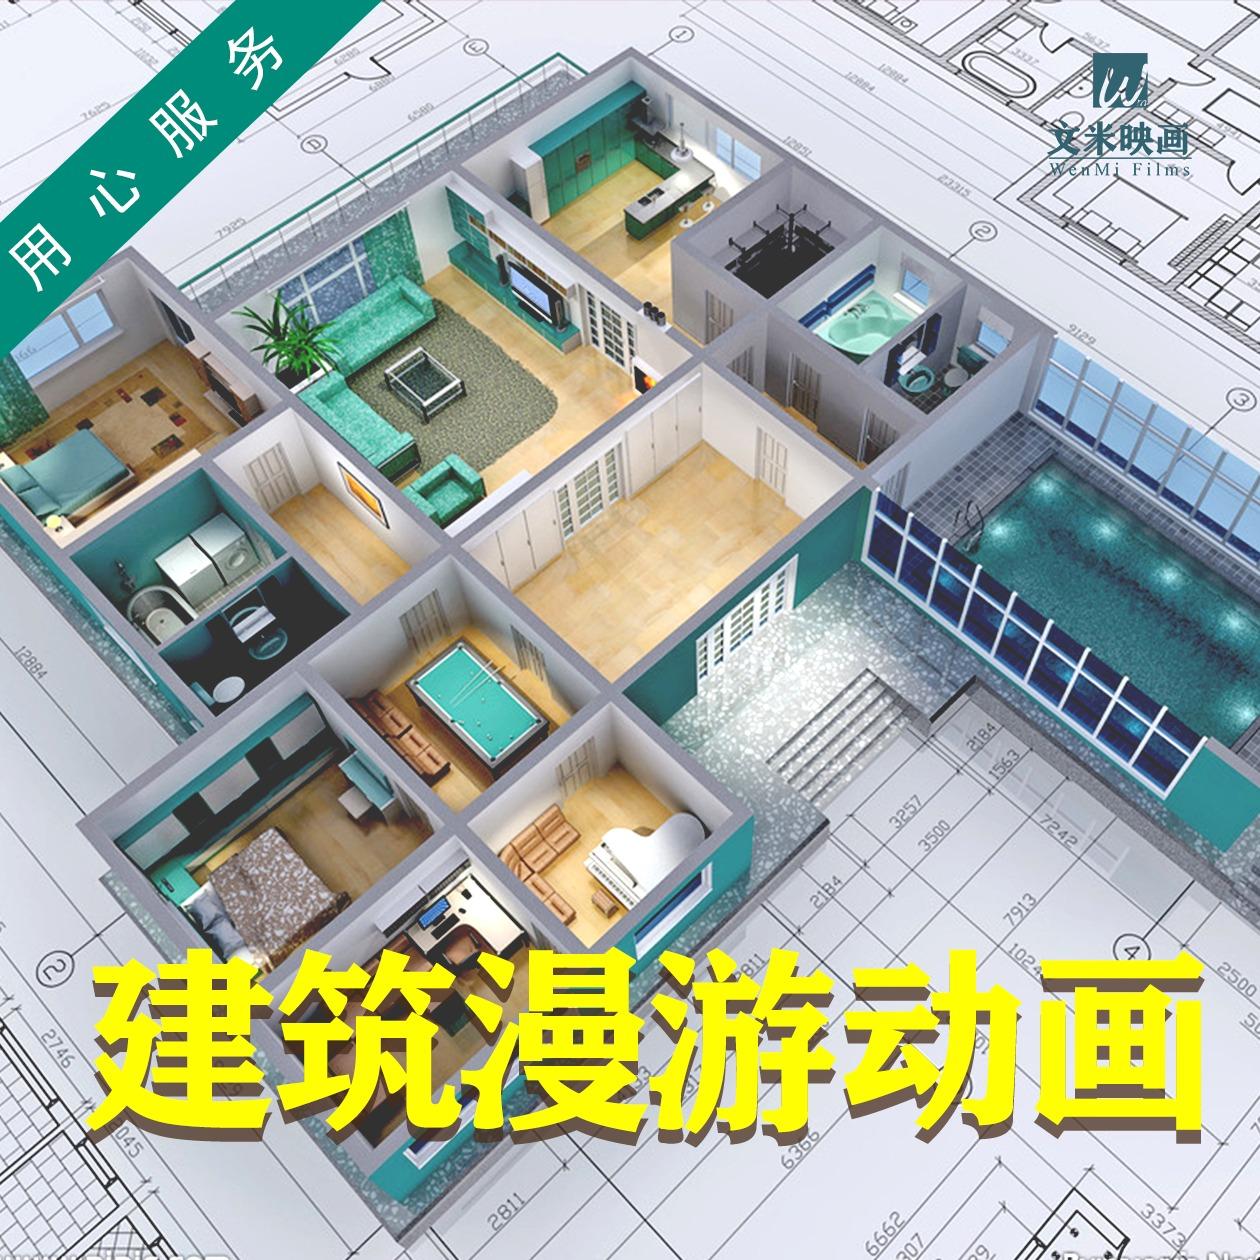 【建筑漫游动画 】专业房地产漫游3D动画效果图楼盘漫游